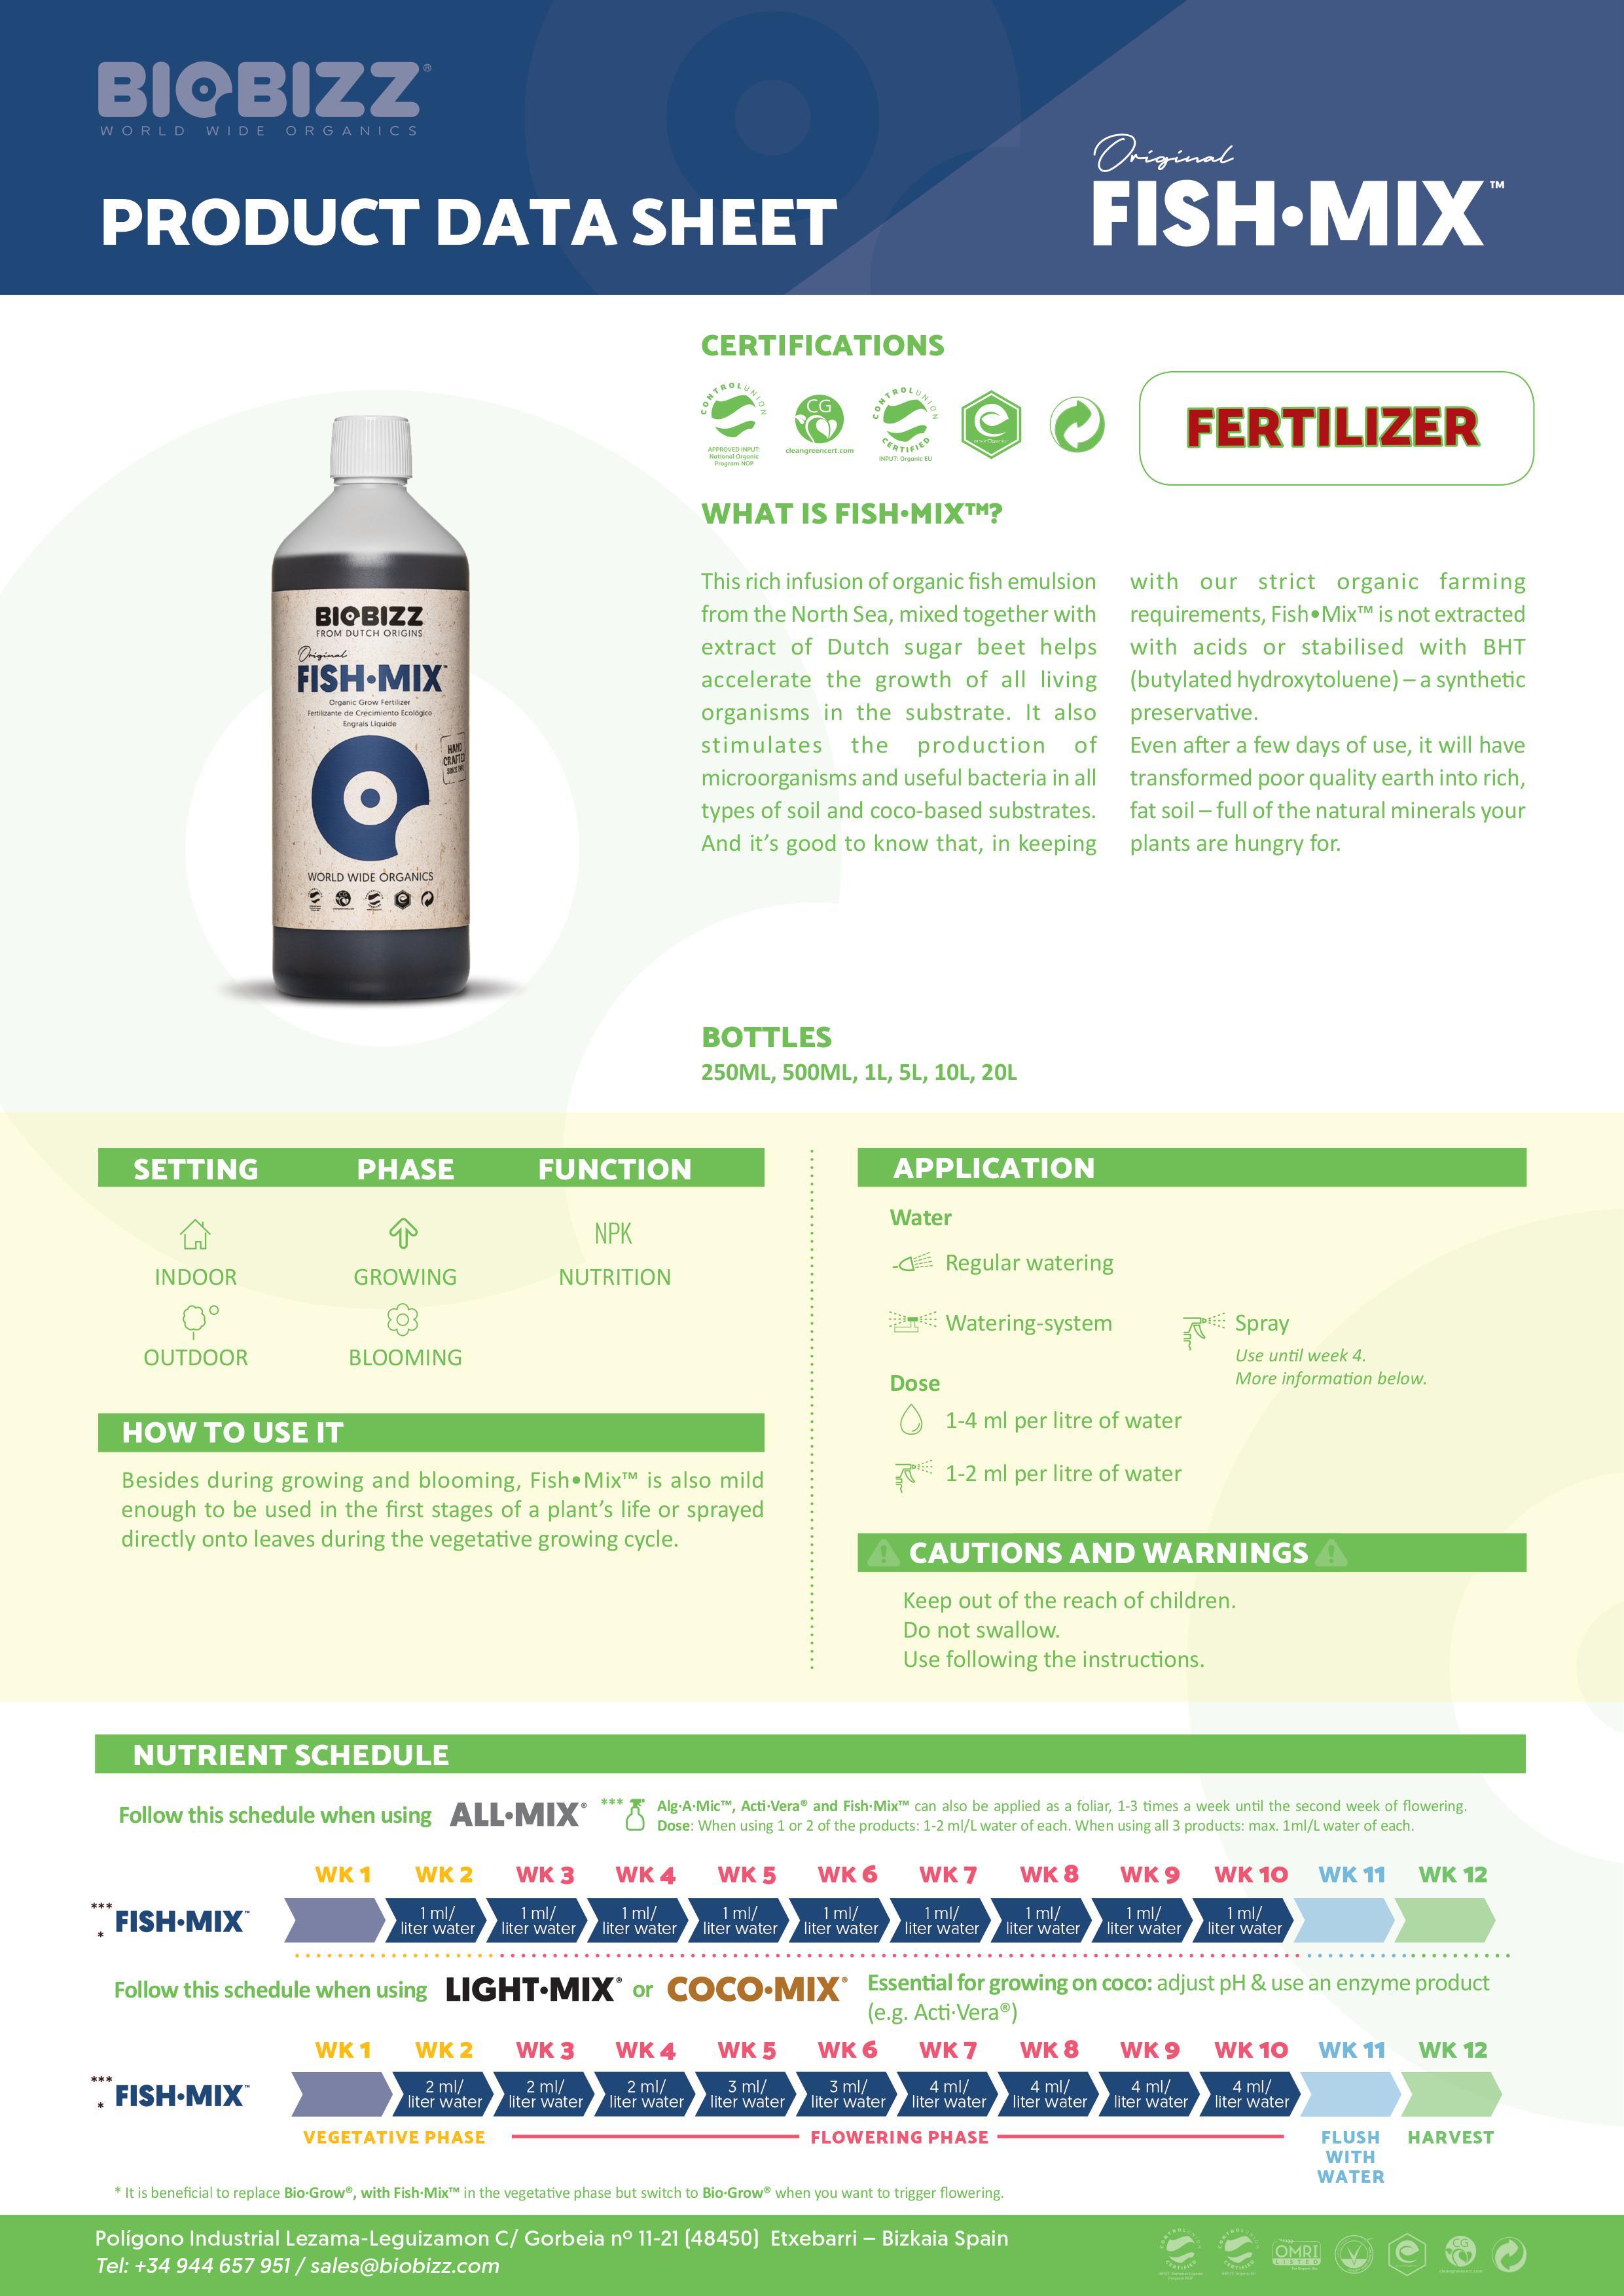 Biobizz Fish Mix - Product Data Sheet 2020